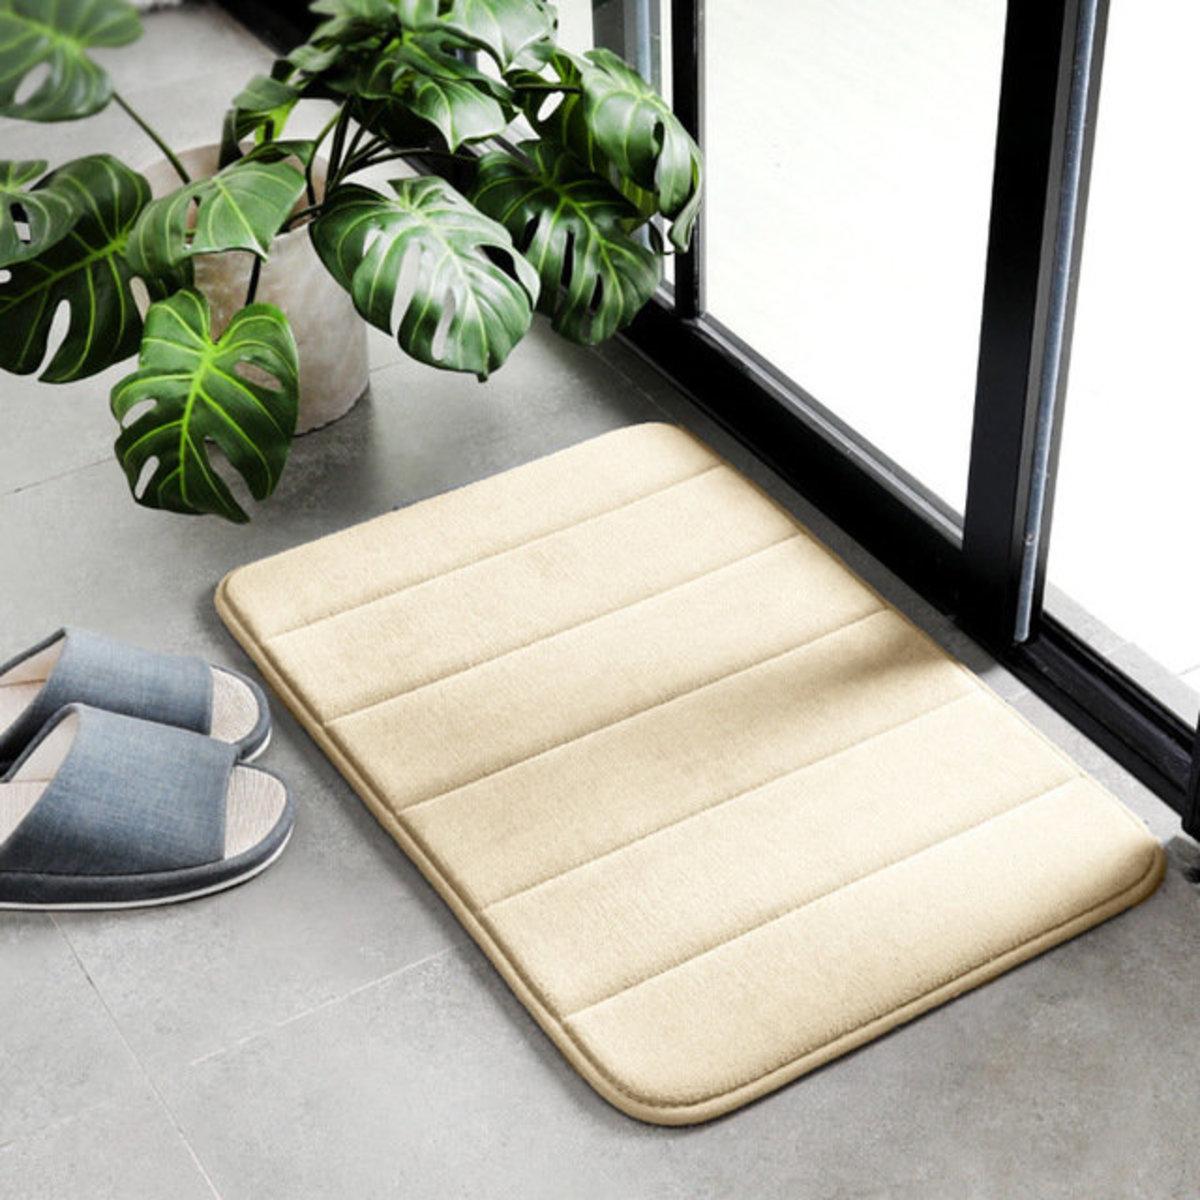 Bathroom mat / thickened slow rebound water-absorbing anti-slip rug / living room carpet (Beige)